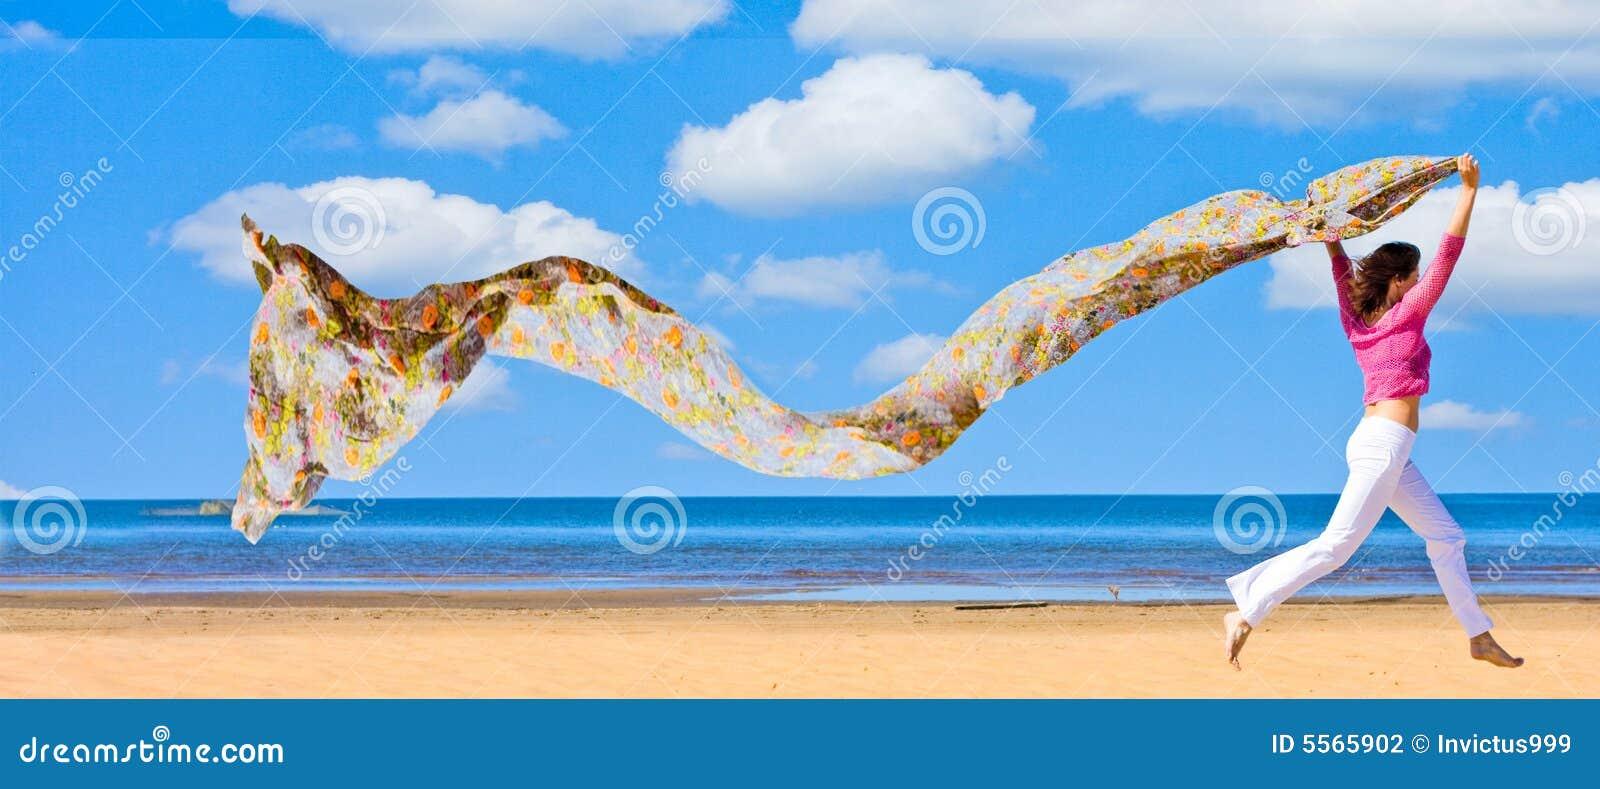 Une onde dans le ciel